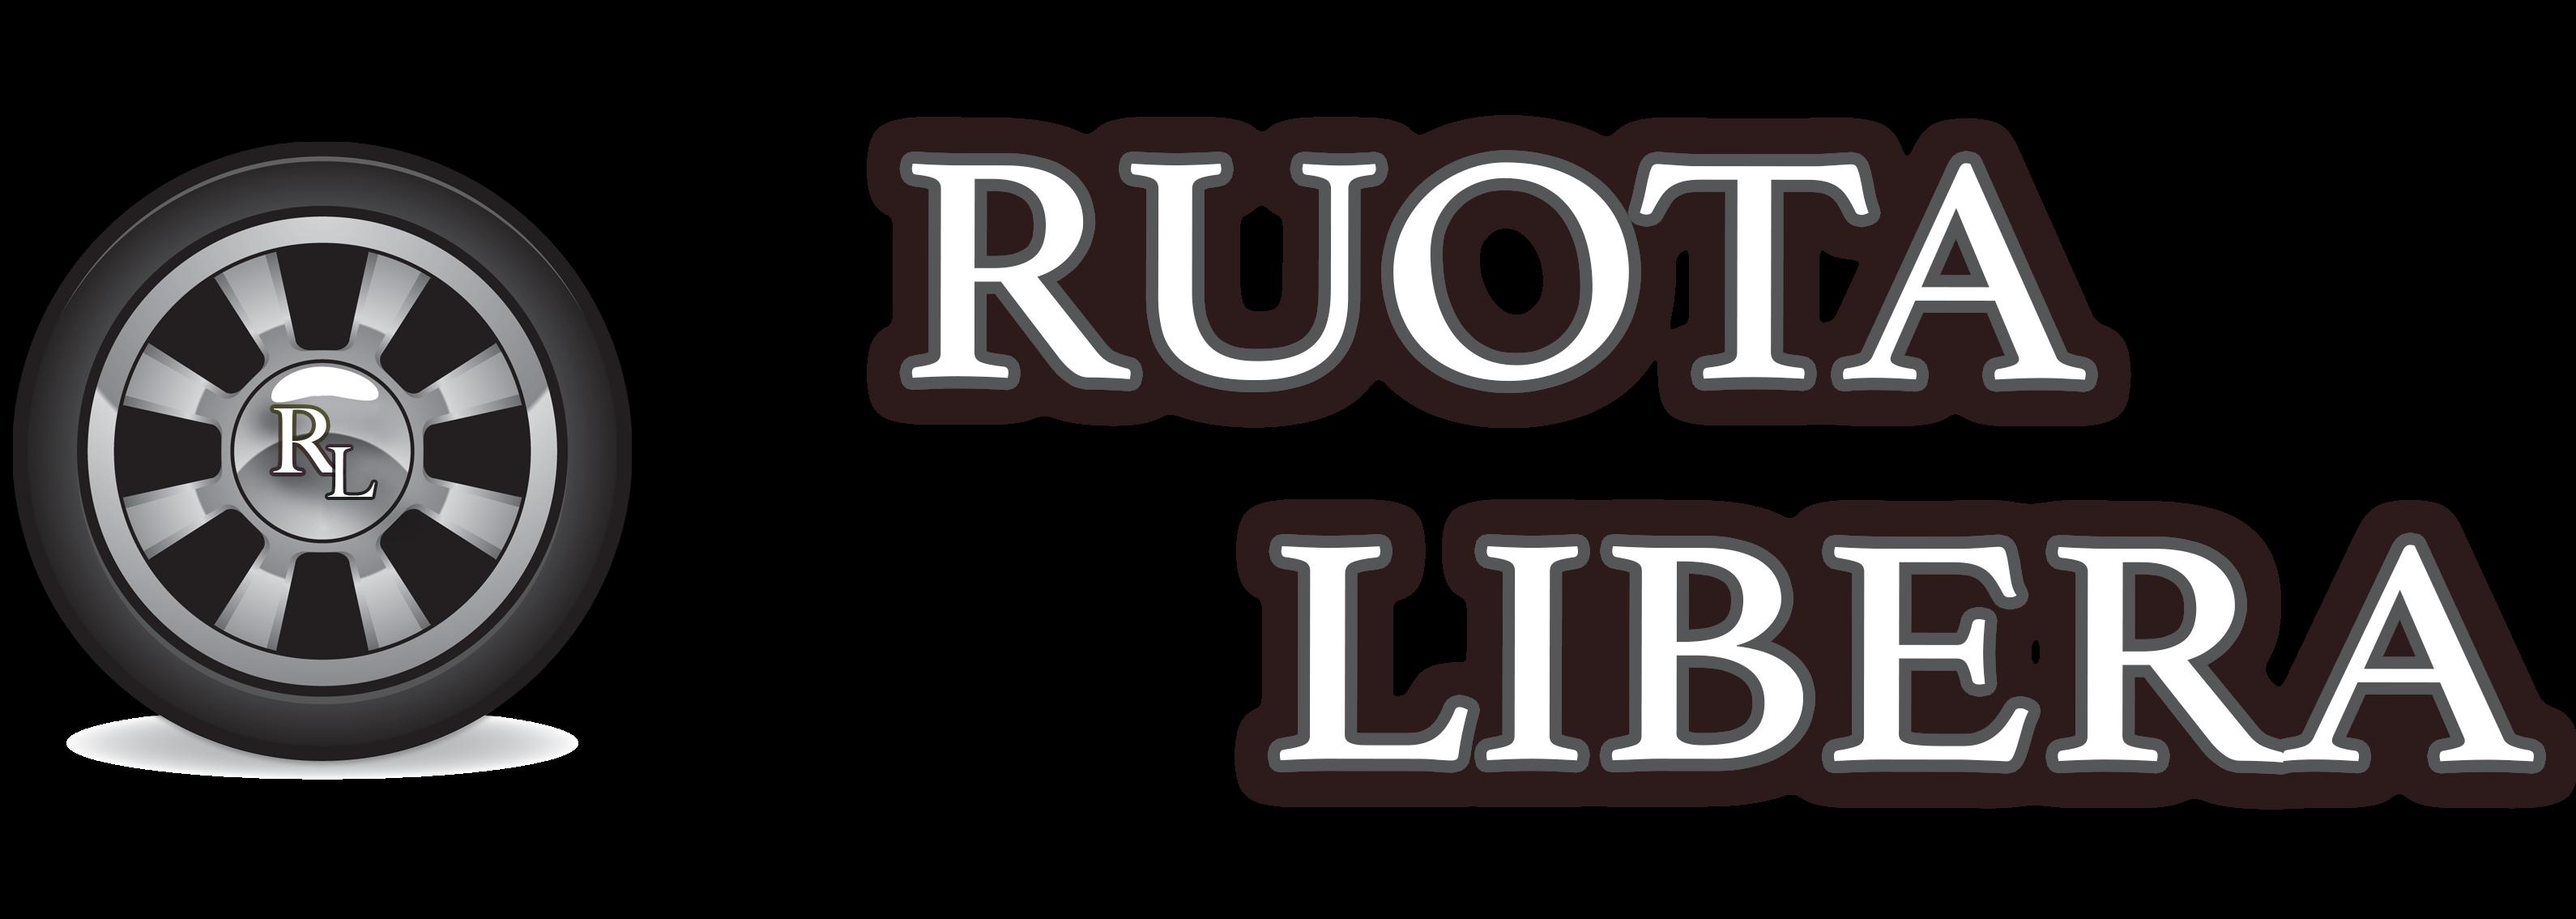 Ruota Libera – www.laruotalibera.it